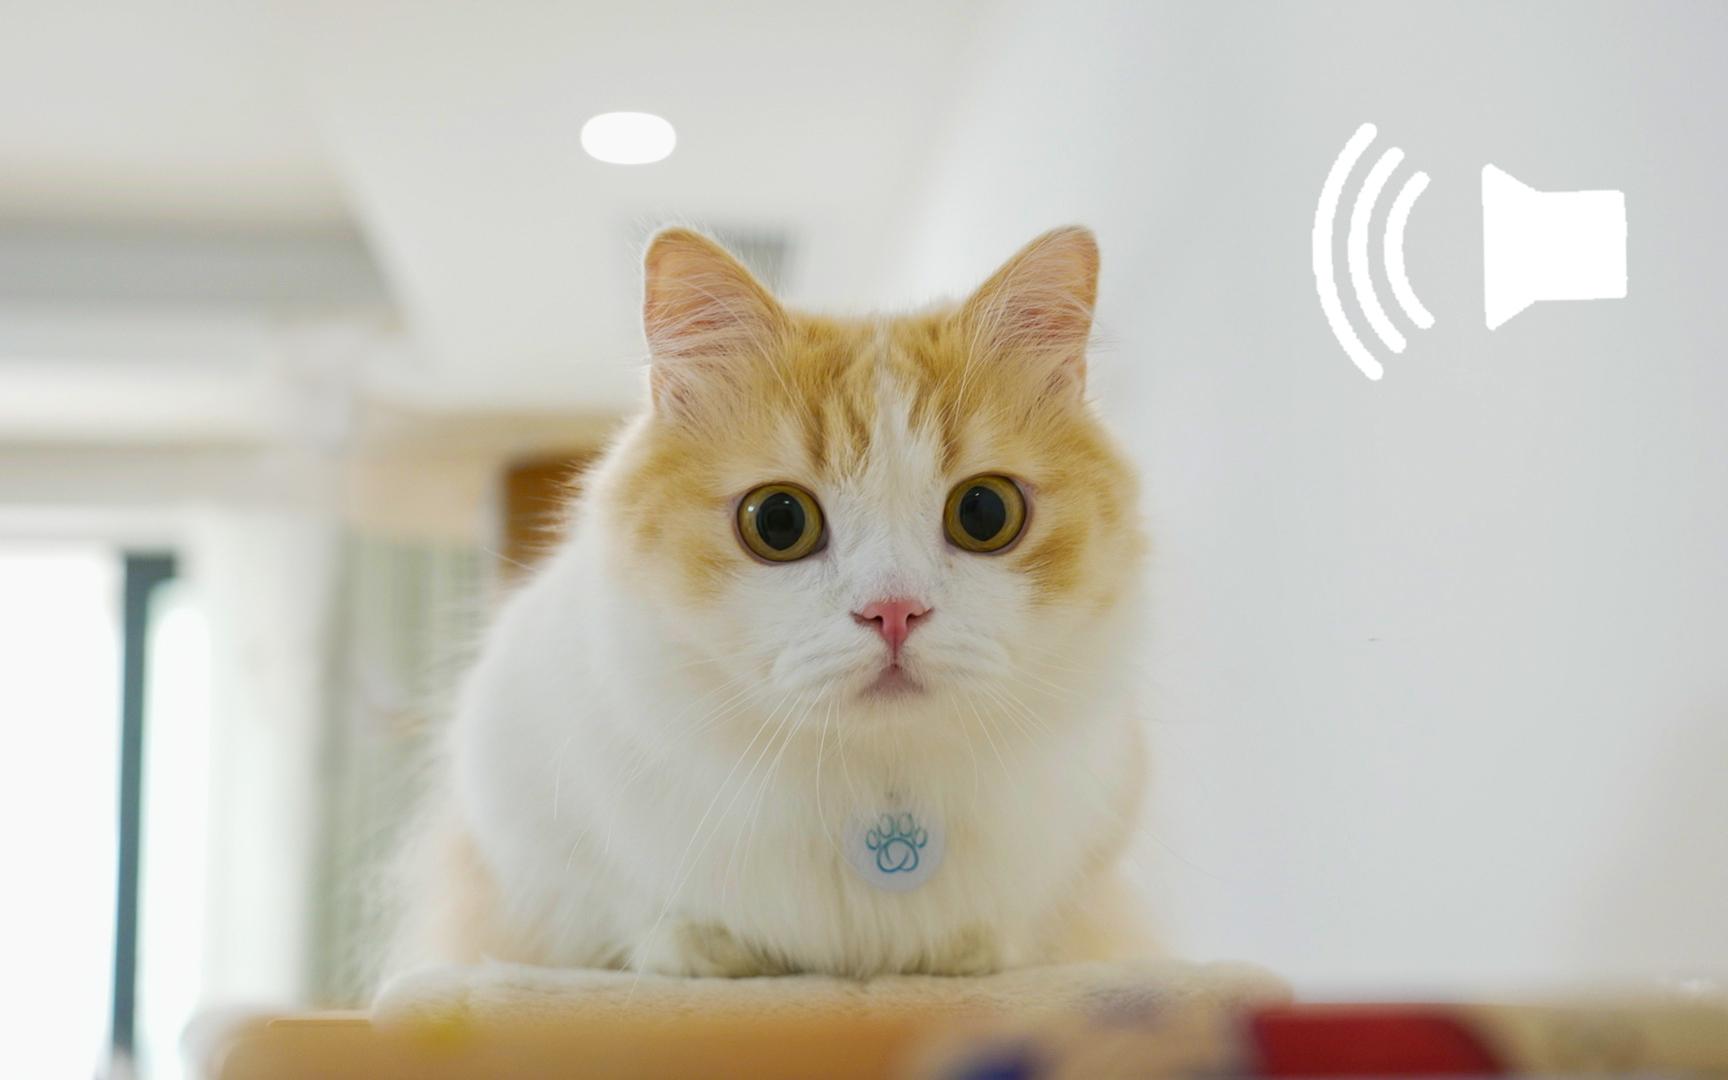 全世界最火的3个猫咪音频,我后悔给俺家猫听了!